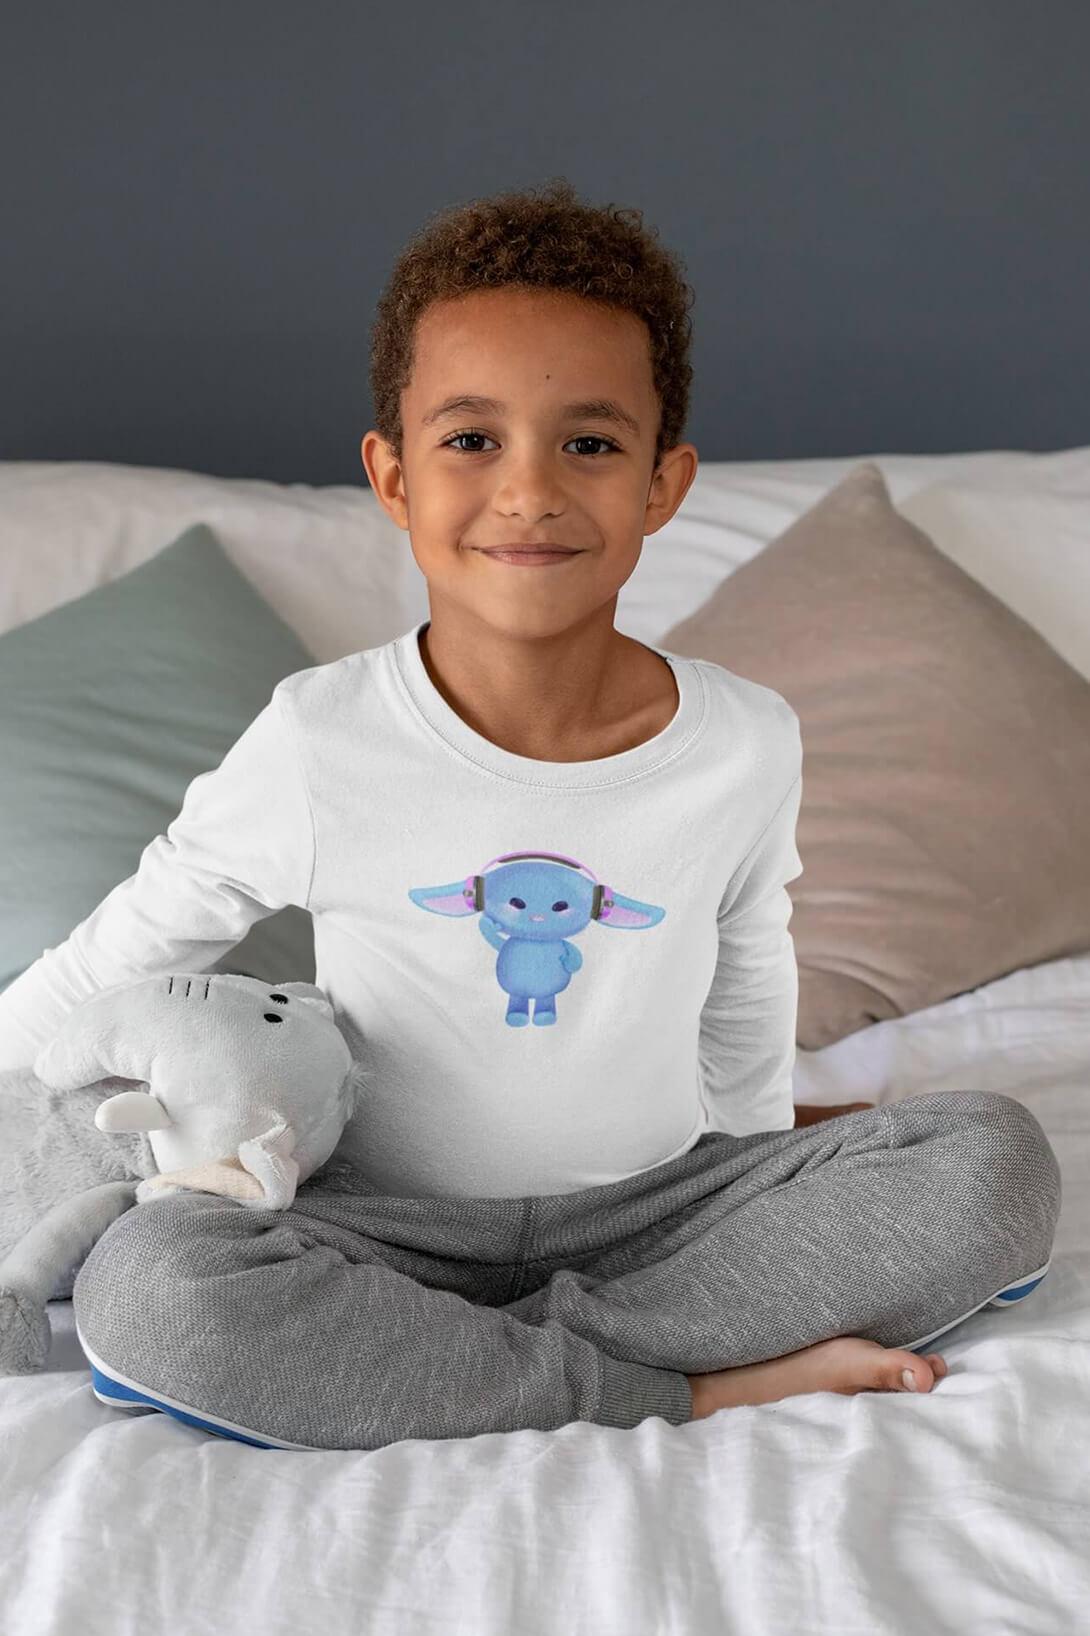 MMO Detské tričko s dlhým rukávom Zajac so slúchadlami Vyberte farbu:: Biela, Detská veľkosť: 146/10 rokov